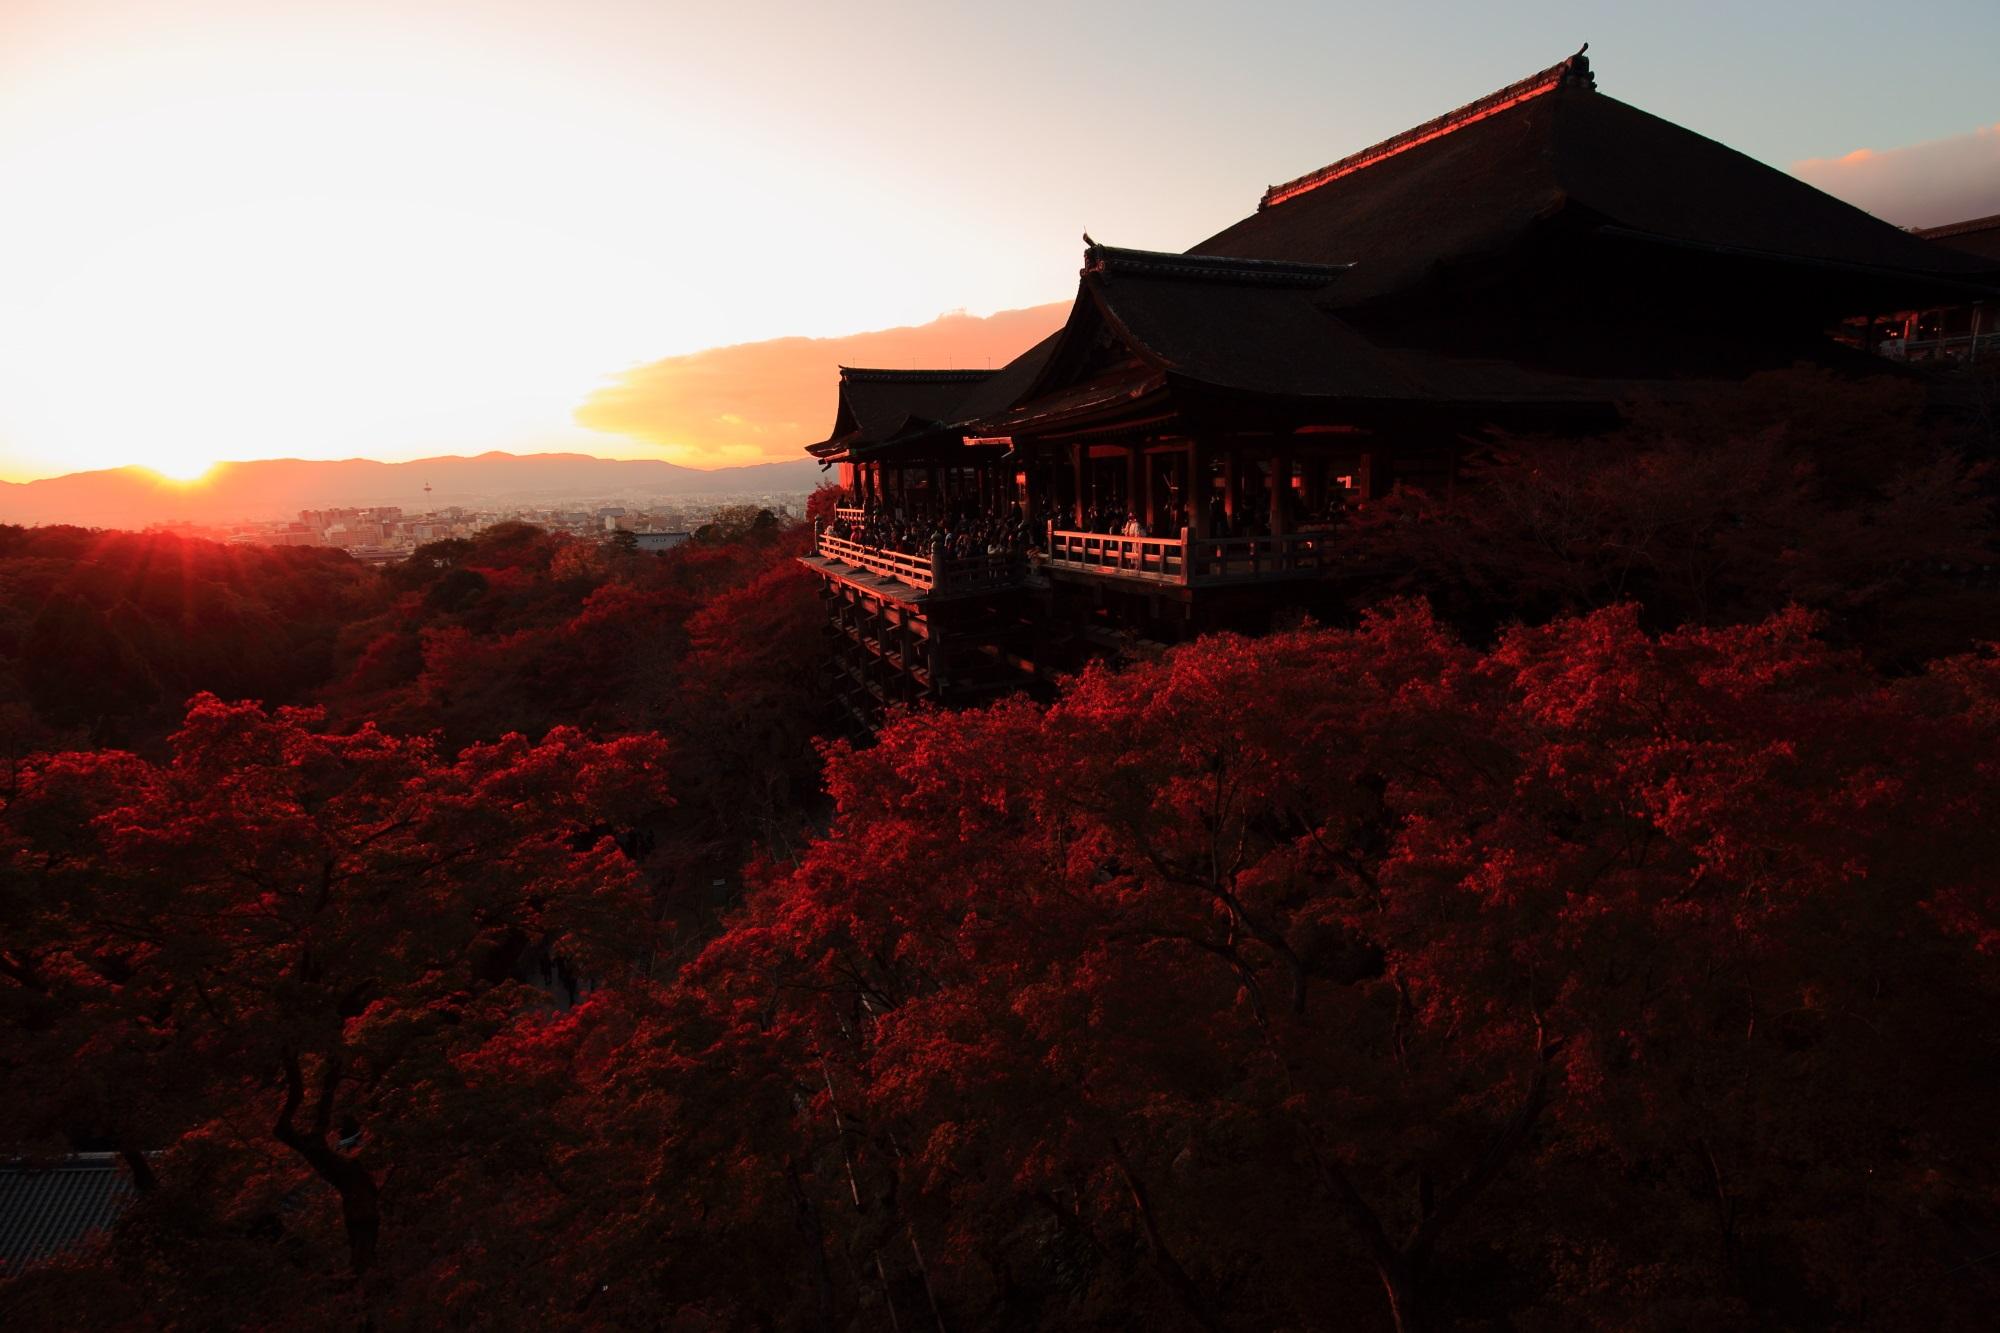 清水寺 紅葉 夕焼けともみじで赤くそまる清水の舞台の絶景